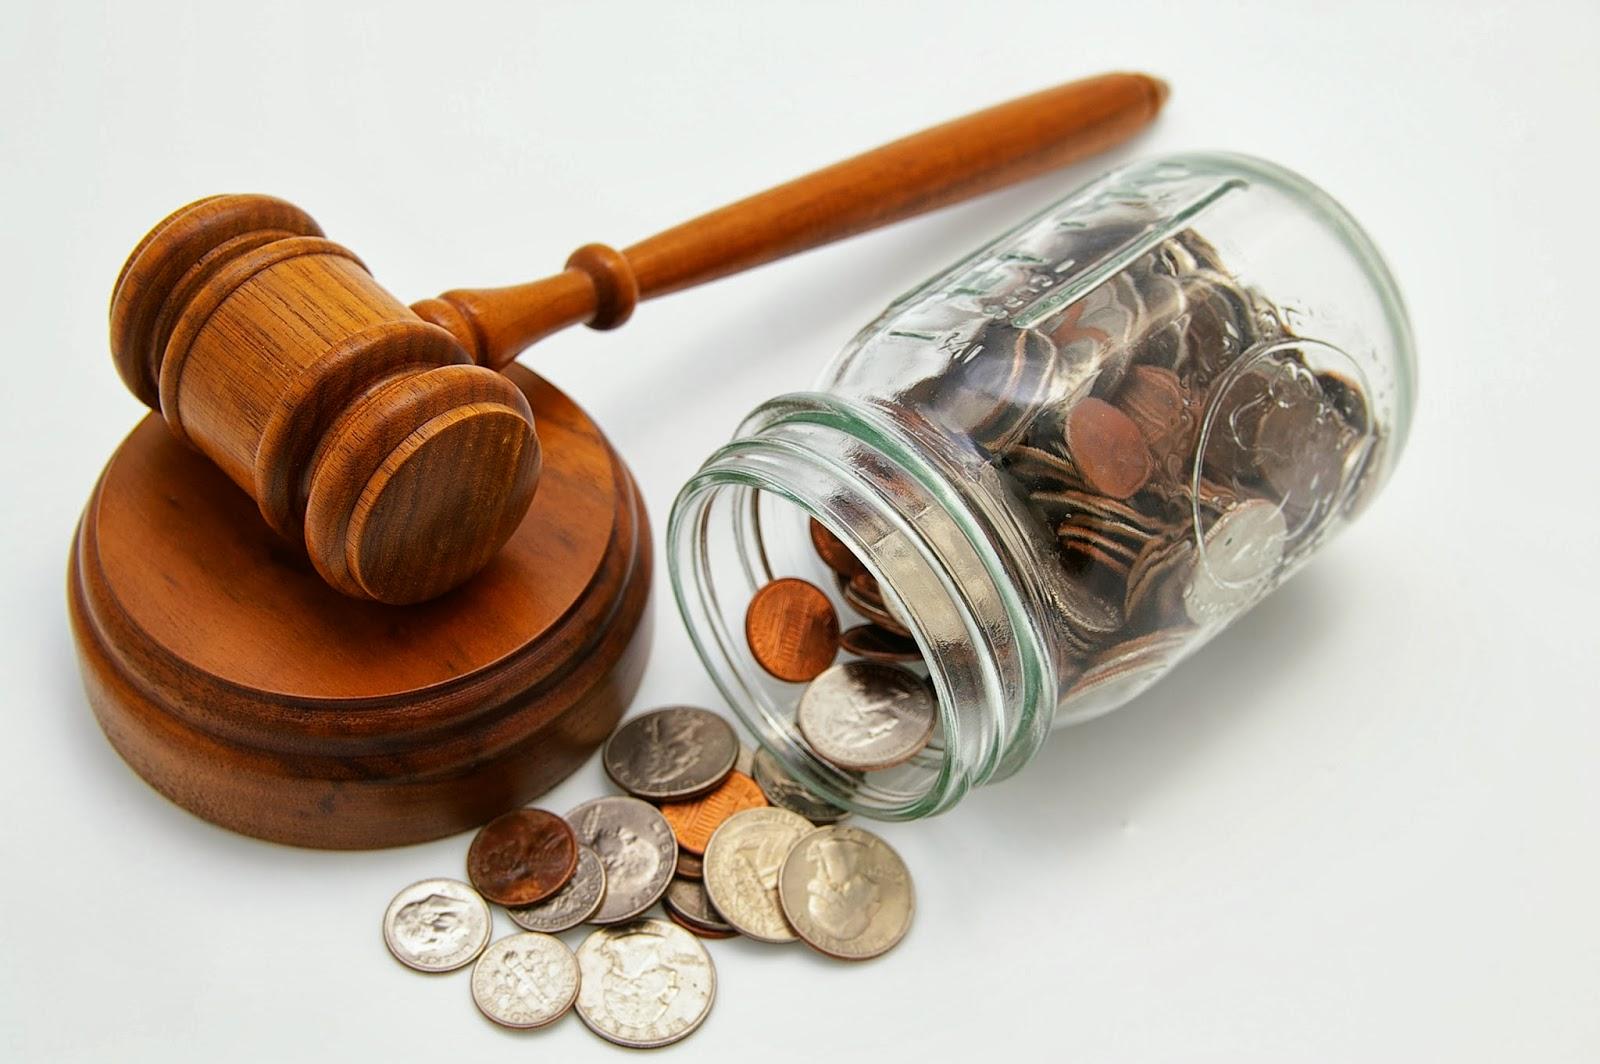 помощь в получении кредита с плохой кредитной историей без предоплаты в ростове на дону